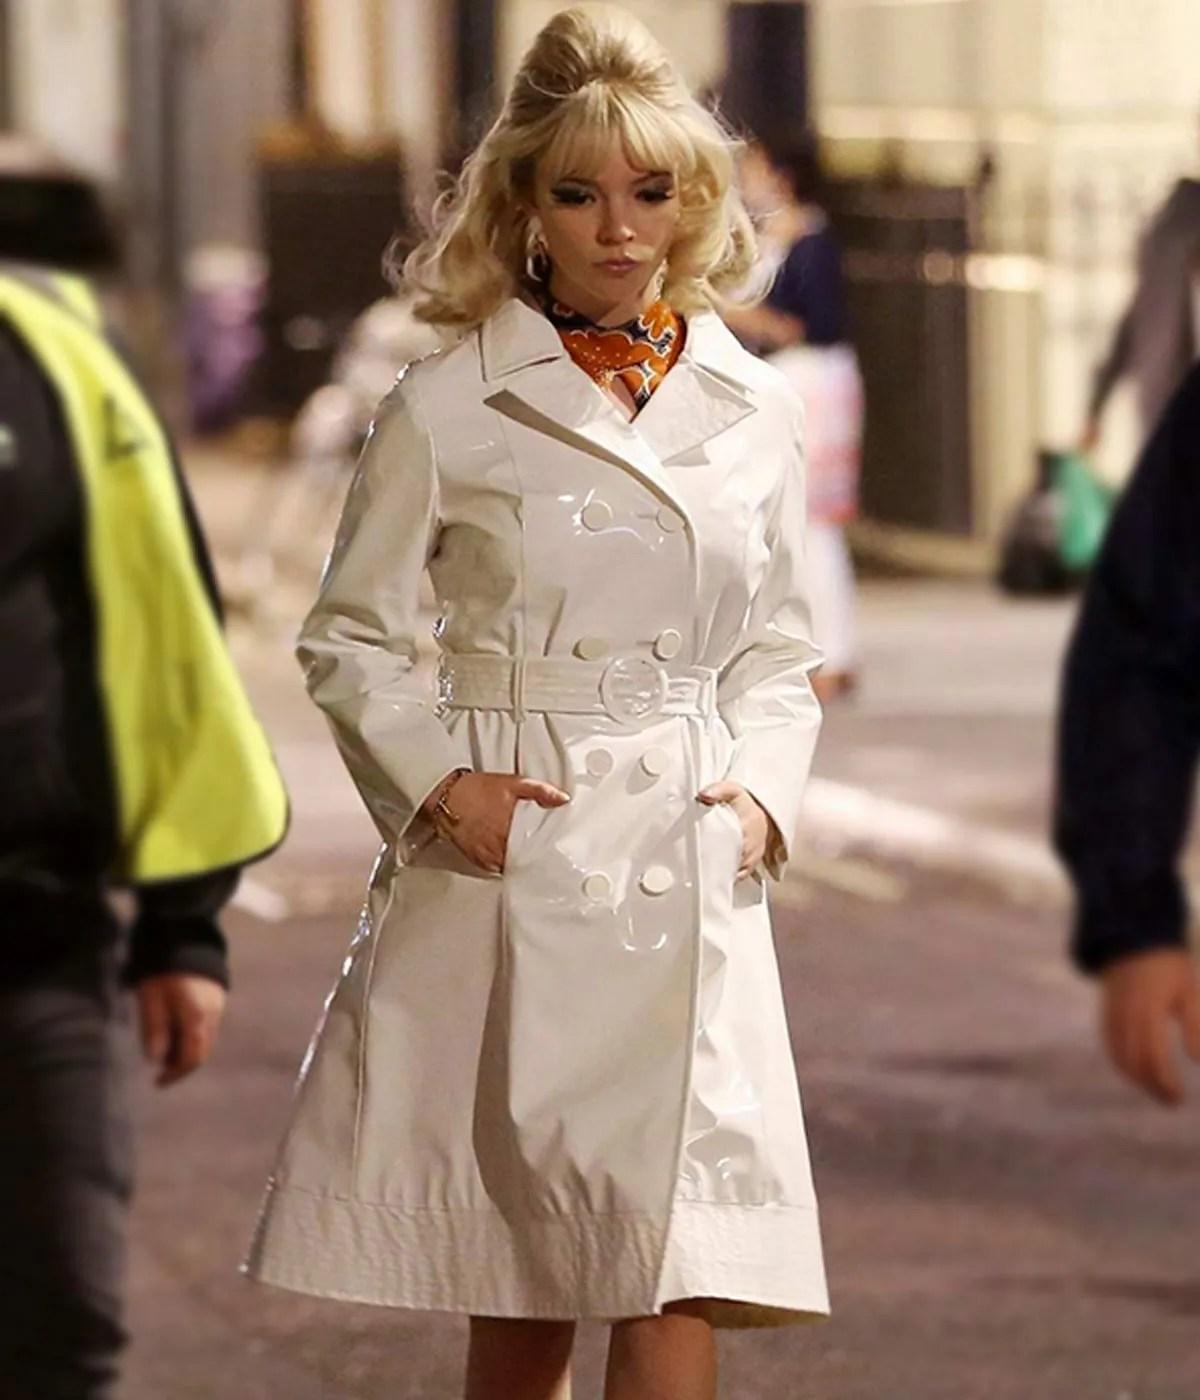 anya-taylor-joy-last-night-in-soho-coat